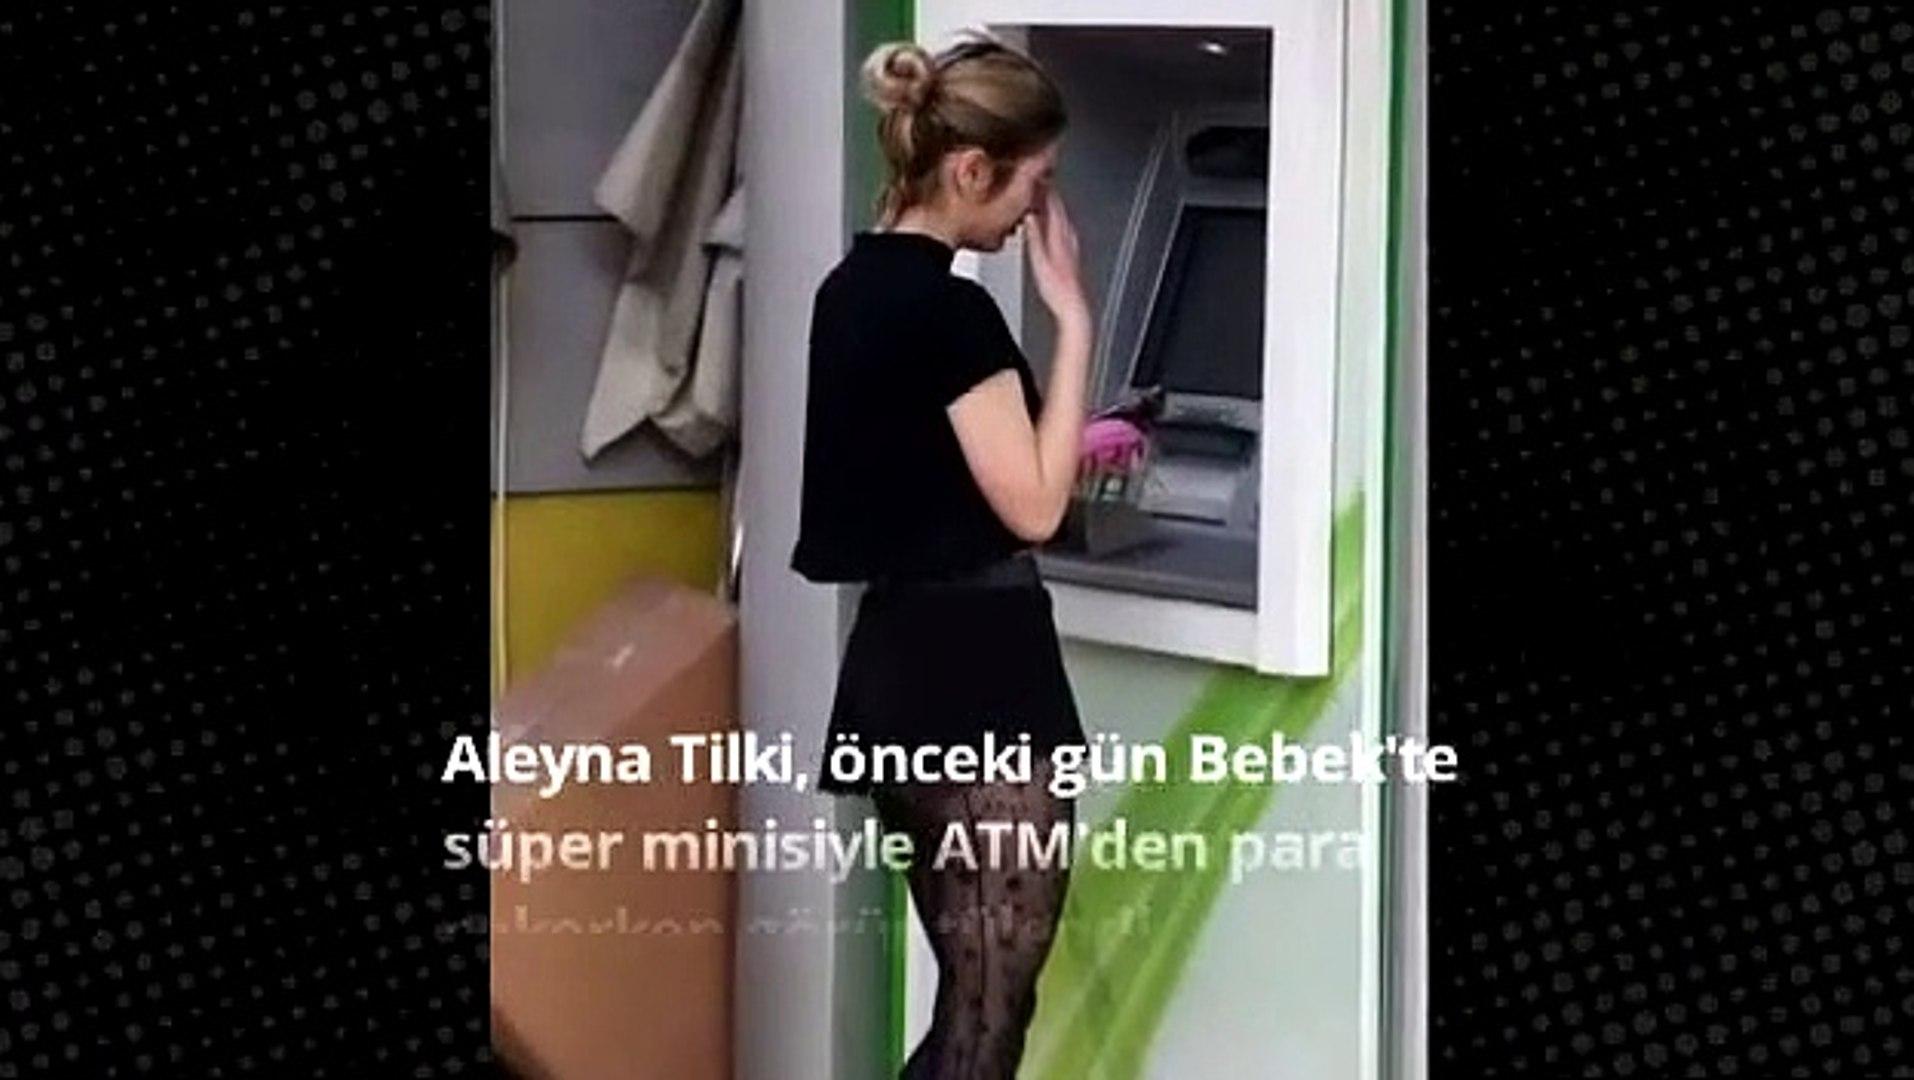 Kartının Şifresini Hatırlayamayan Aleyna Tilki, ATM'den Para Çekemedi